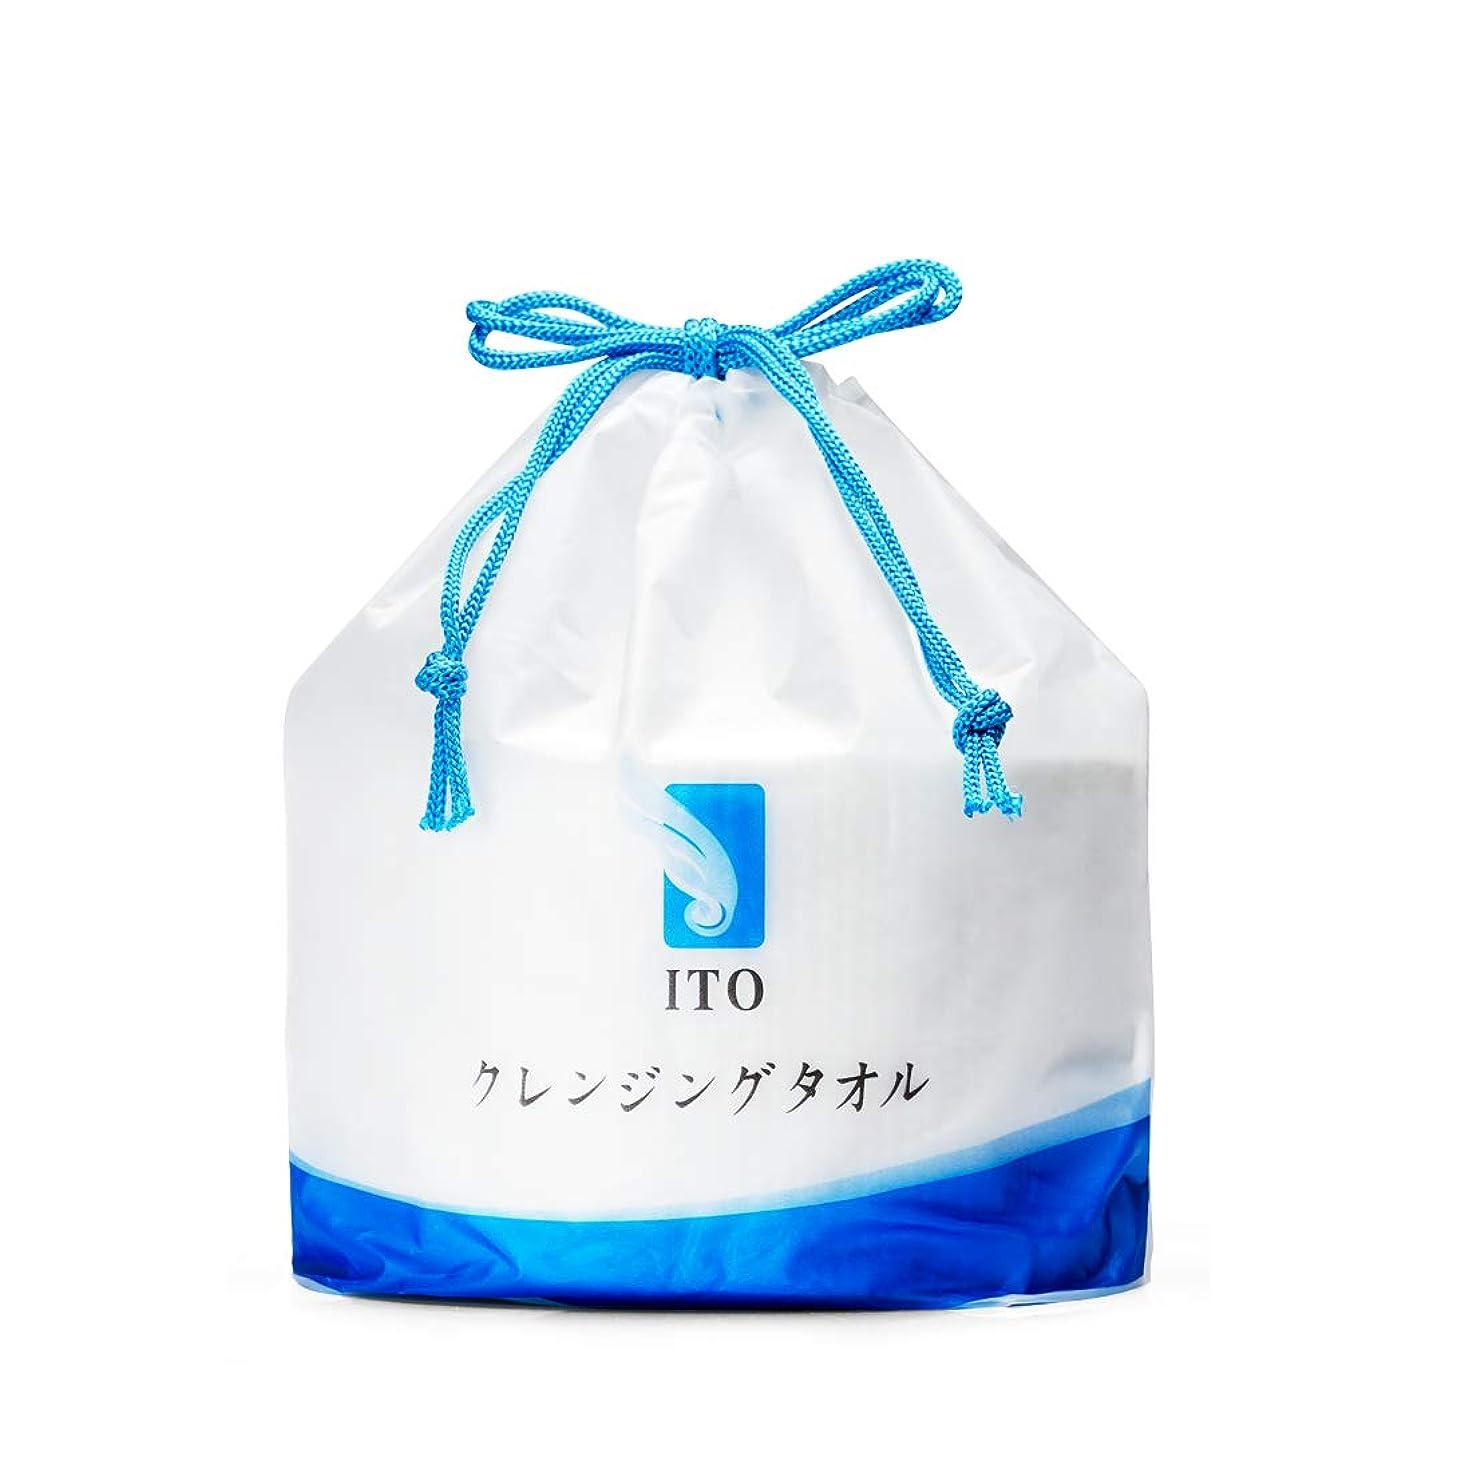 とらえどころのない医学ただITO クレンジングタオル 使い捨てタオル 洗顔タオル 乾湿両用 美容タオル フェイスタオル 旅行 メイク落とし (ホワイト)